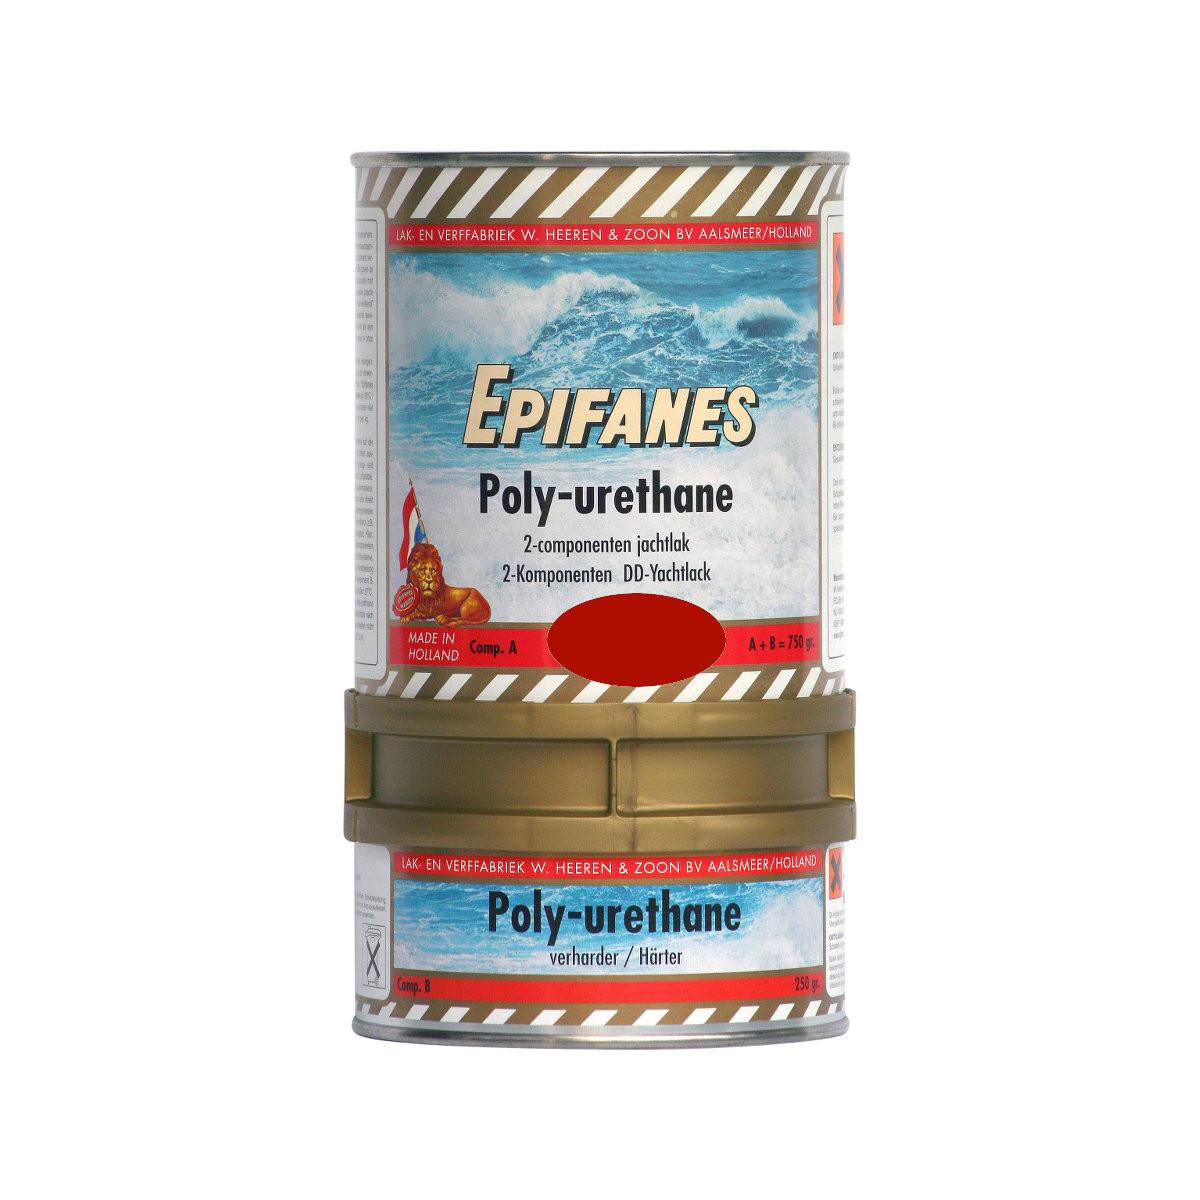 Epifanes poly-urethane DD jachtlak - rood 845, 750g